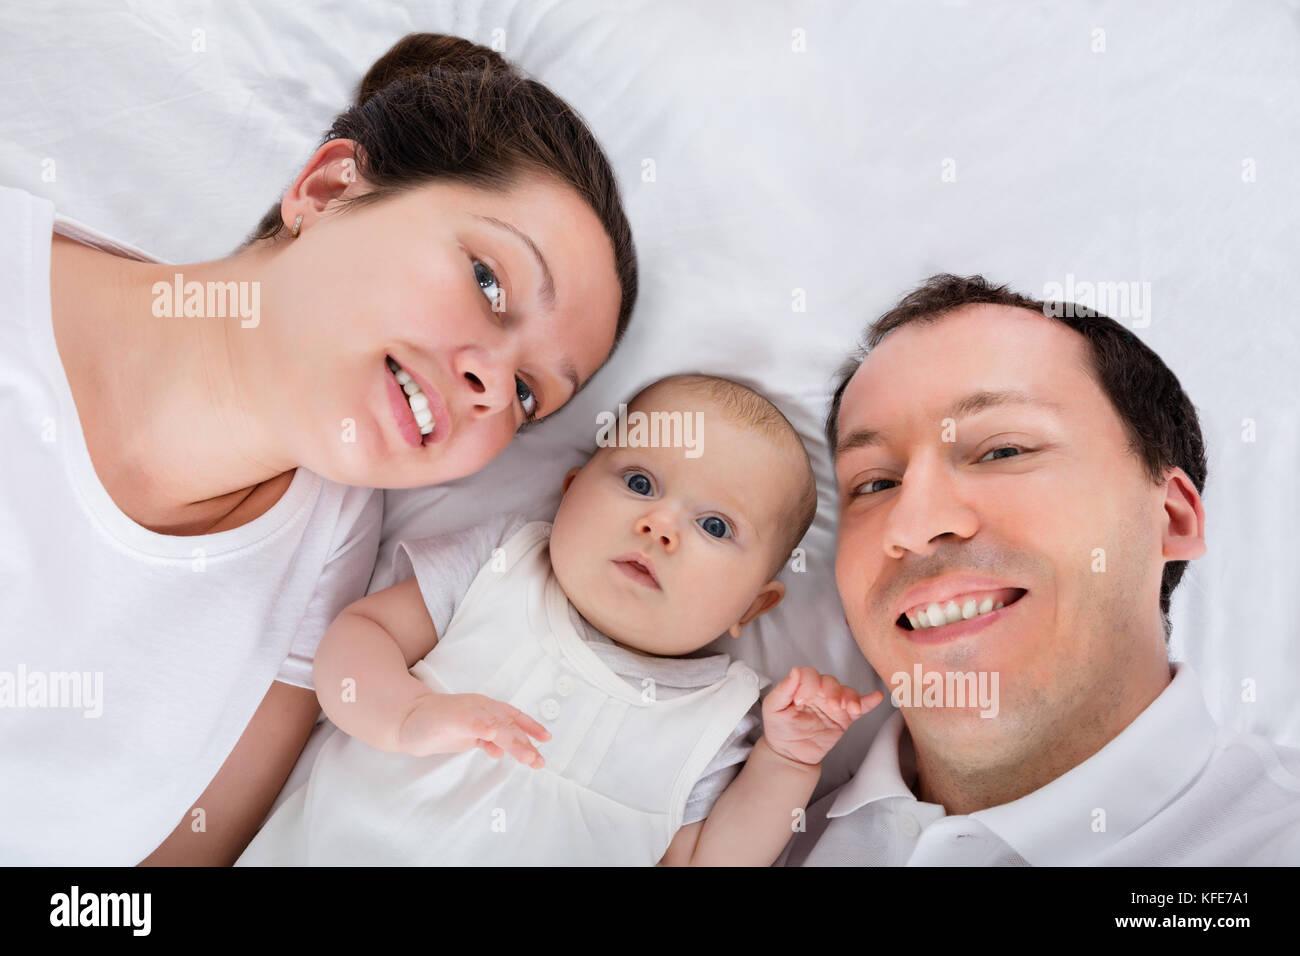 Porträt einer glücklichen Familie auf weißen Bett Stockbild